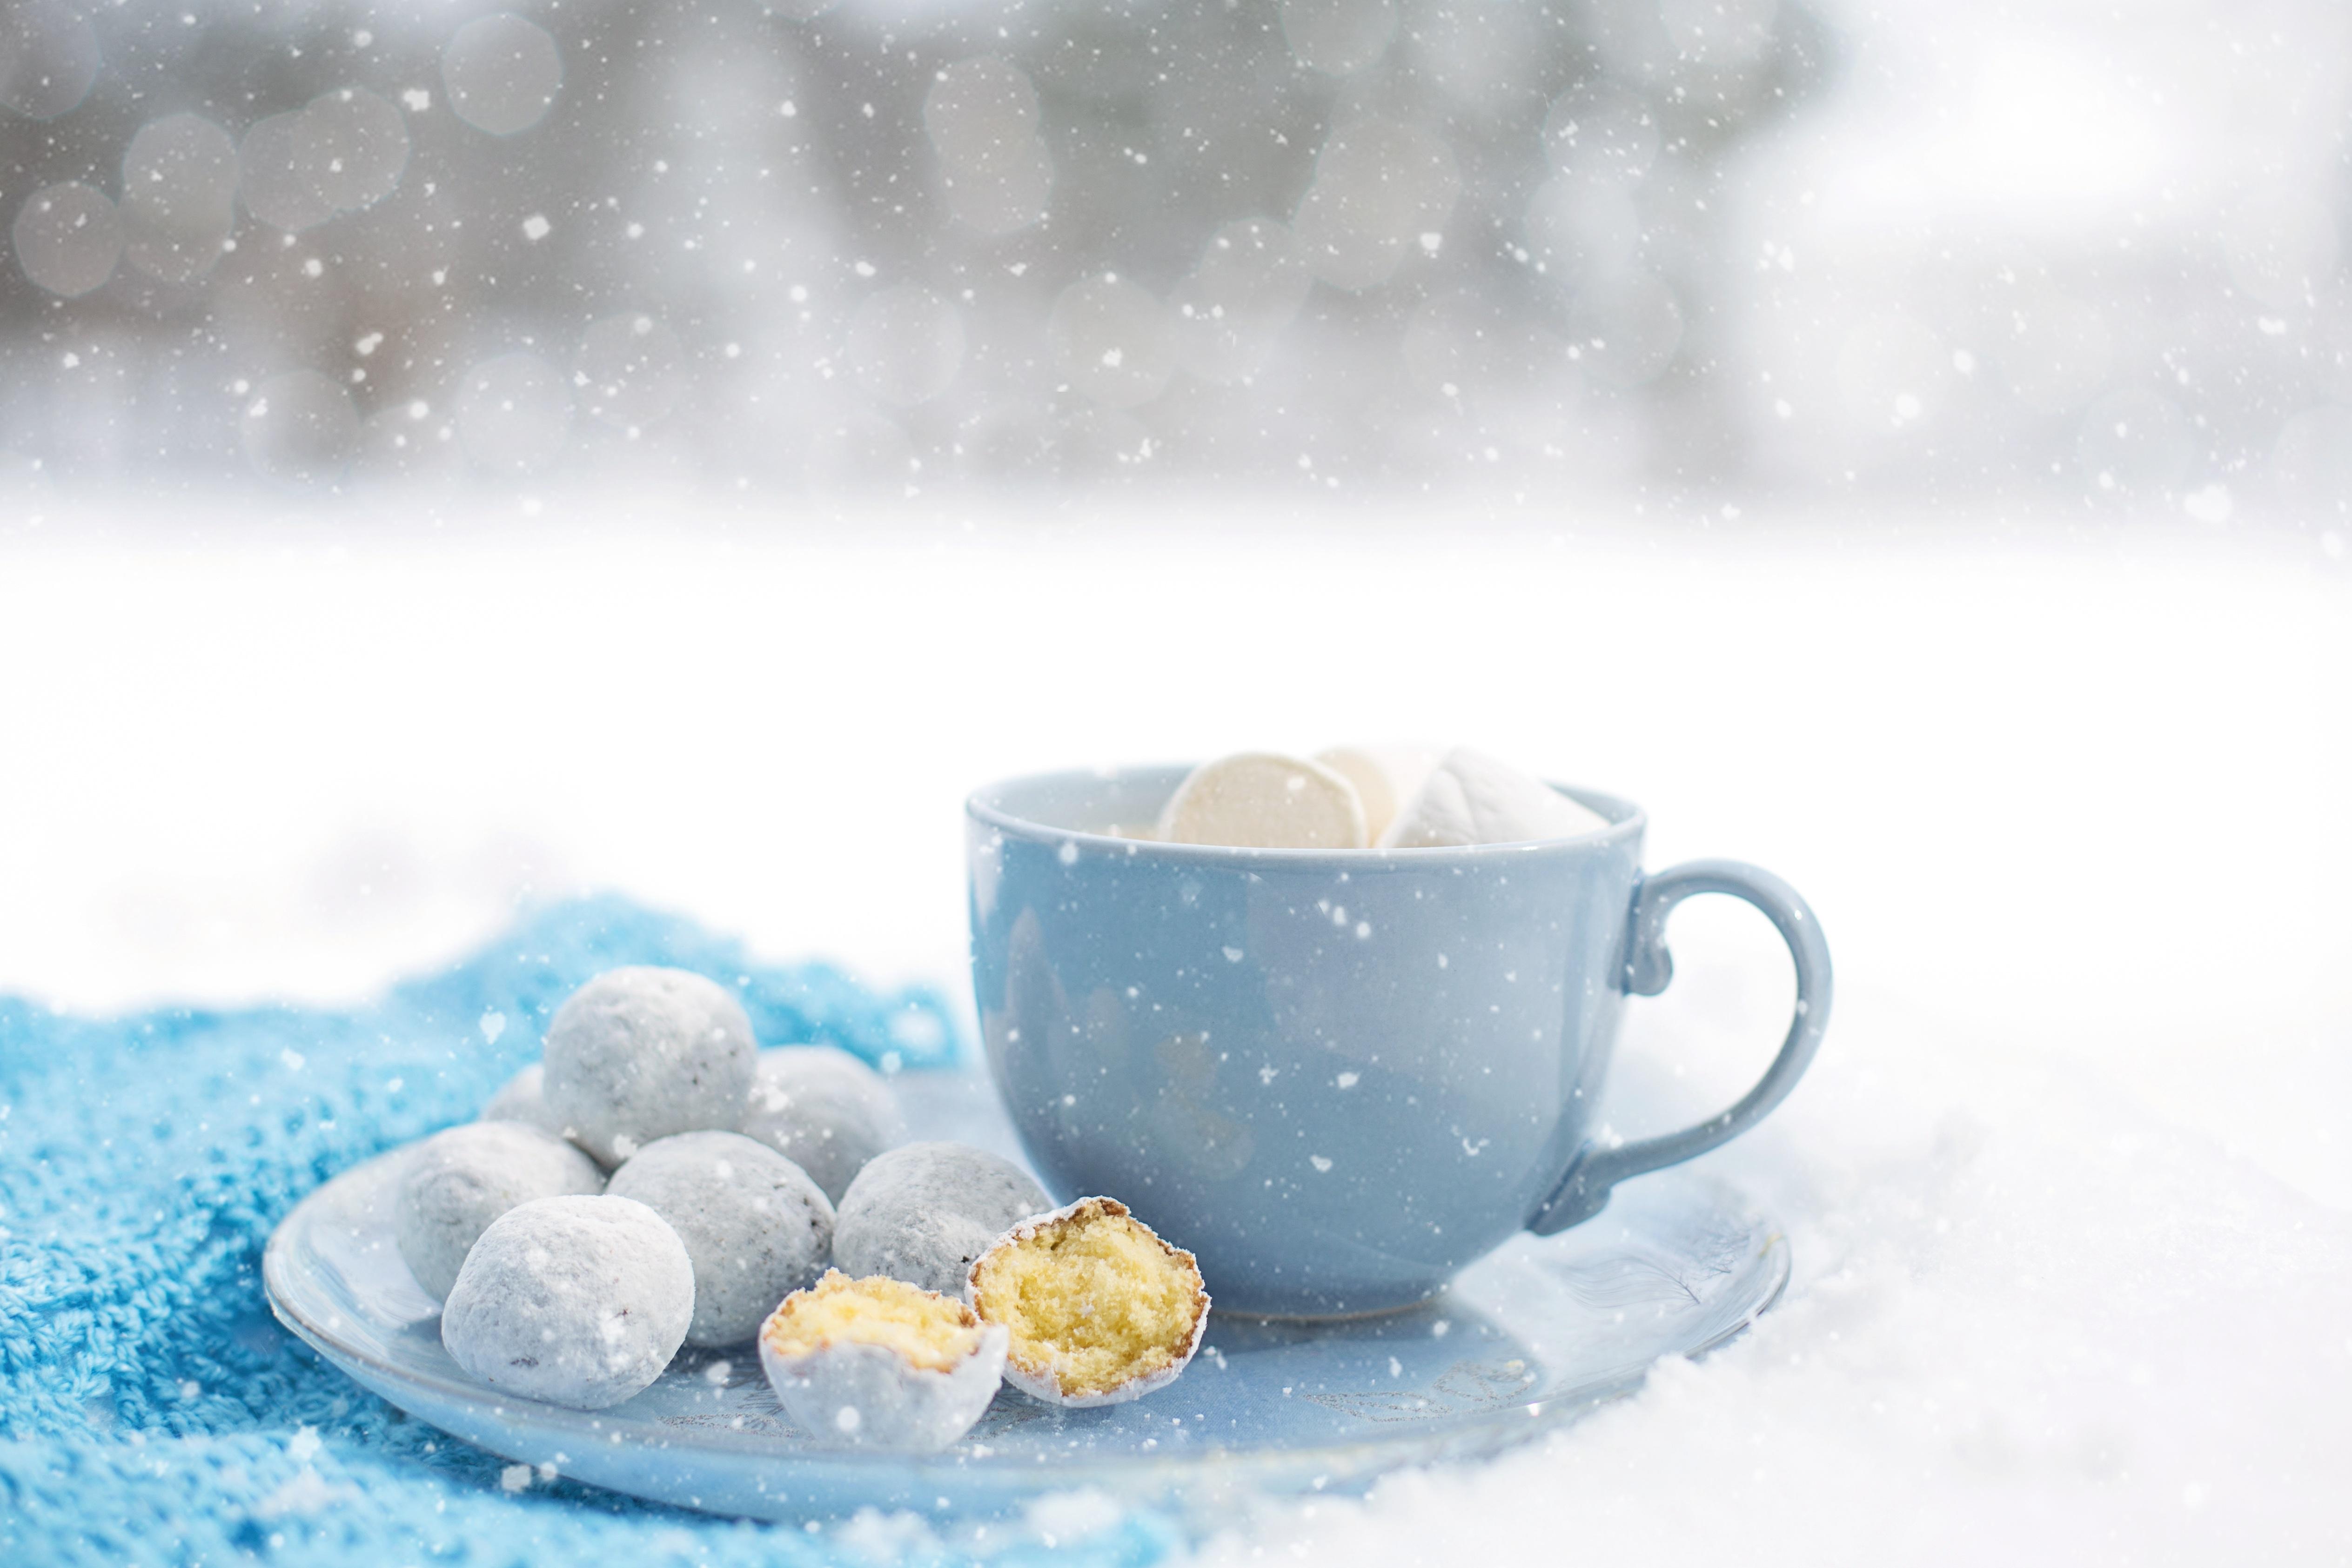 Картинка снежинка Еда чашке Печенье 5055x3370 Снежинки Пища Чашка Продукты питания